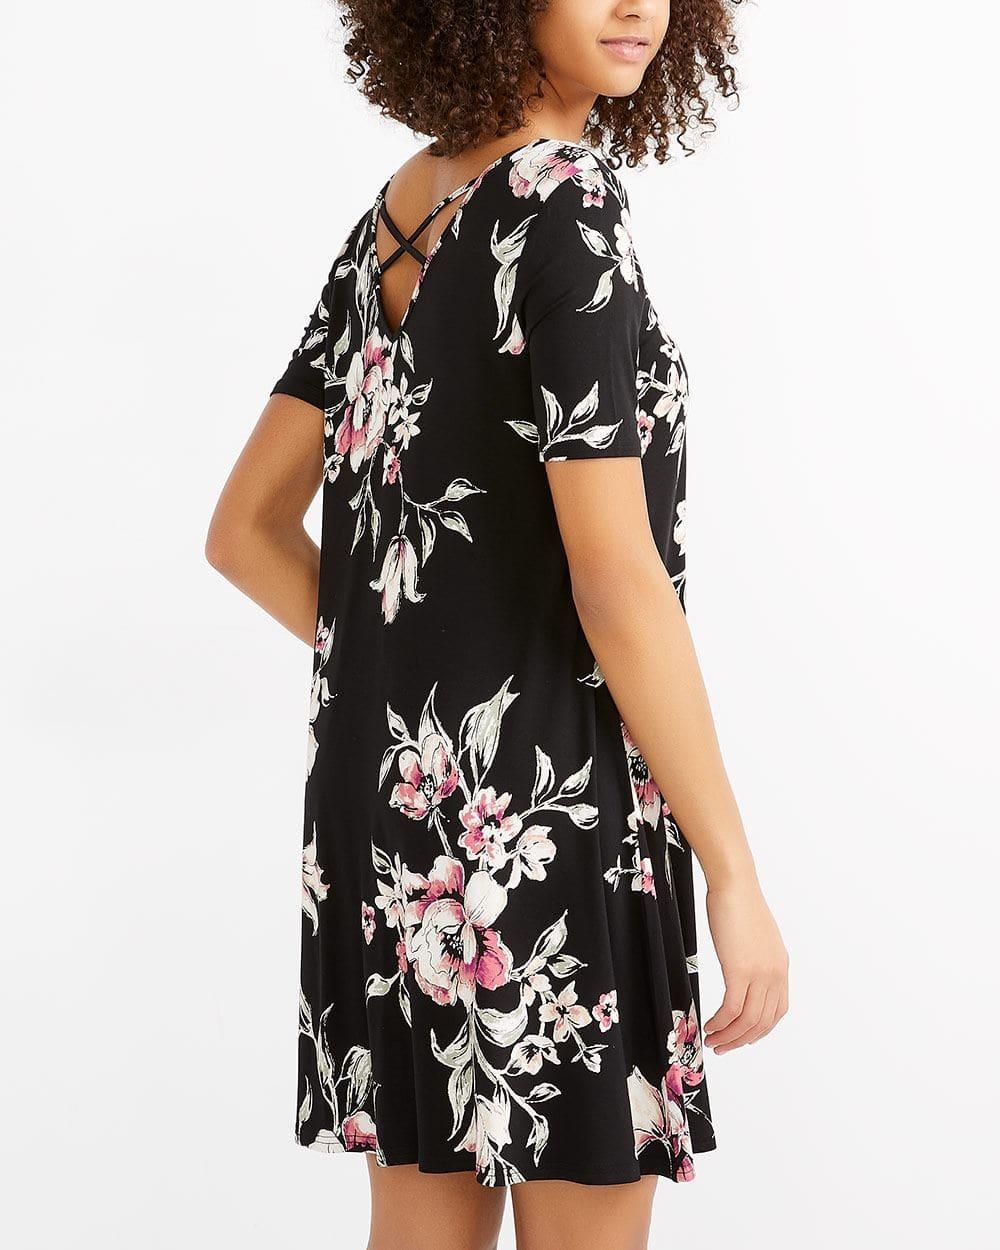 Reversible Cross Detail Printed Dress